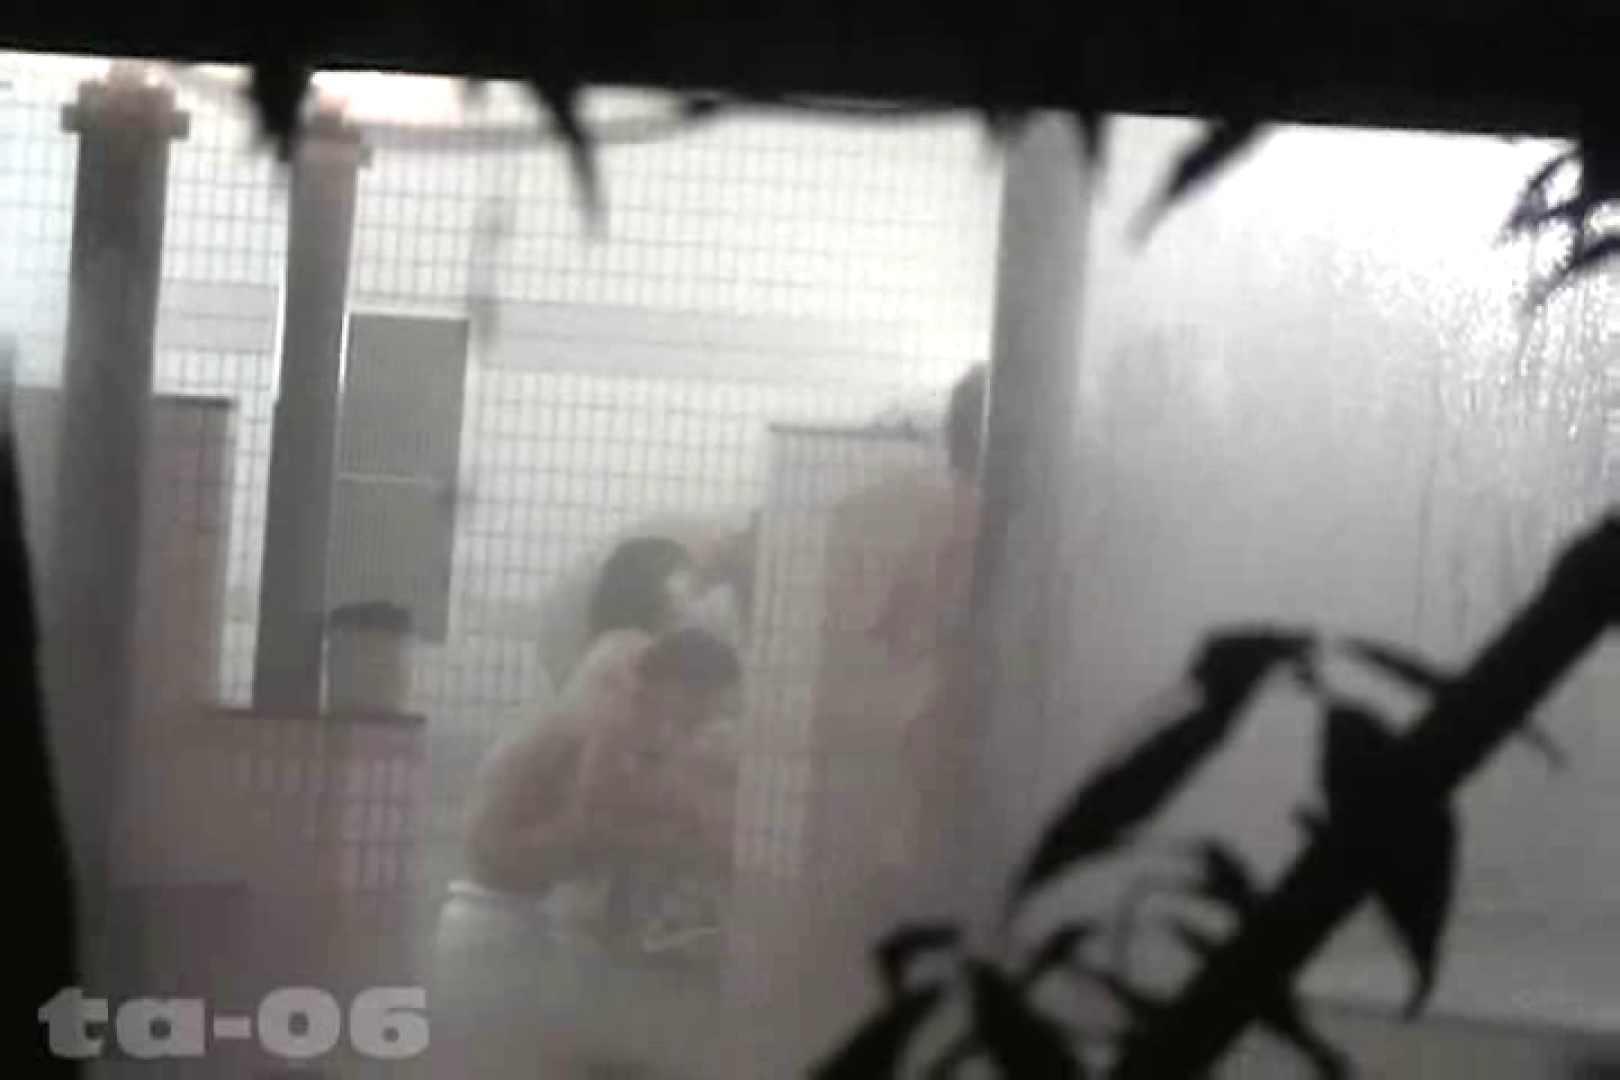 合宿ホテル女風呂盗撮高画質版 Vol.06 盗撮映像大放出 | 合宿  107連発 79